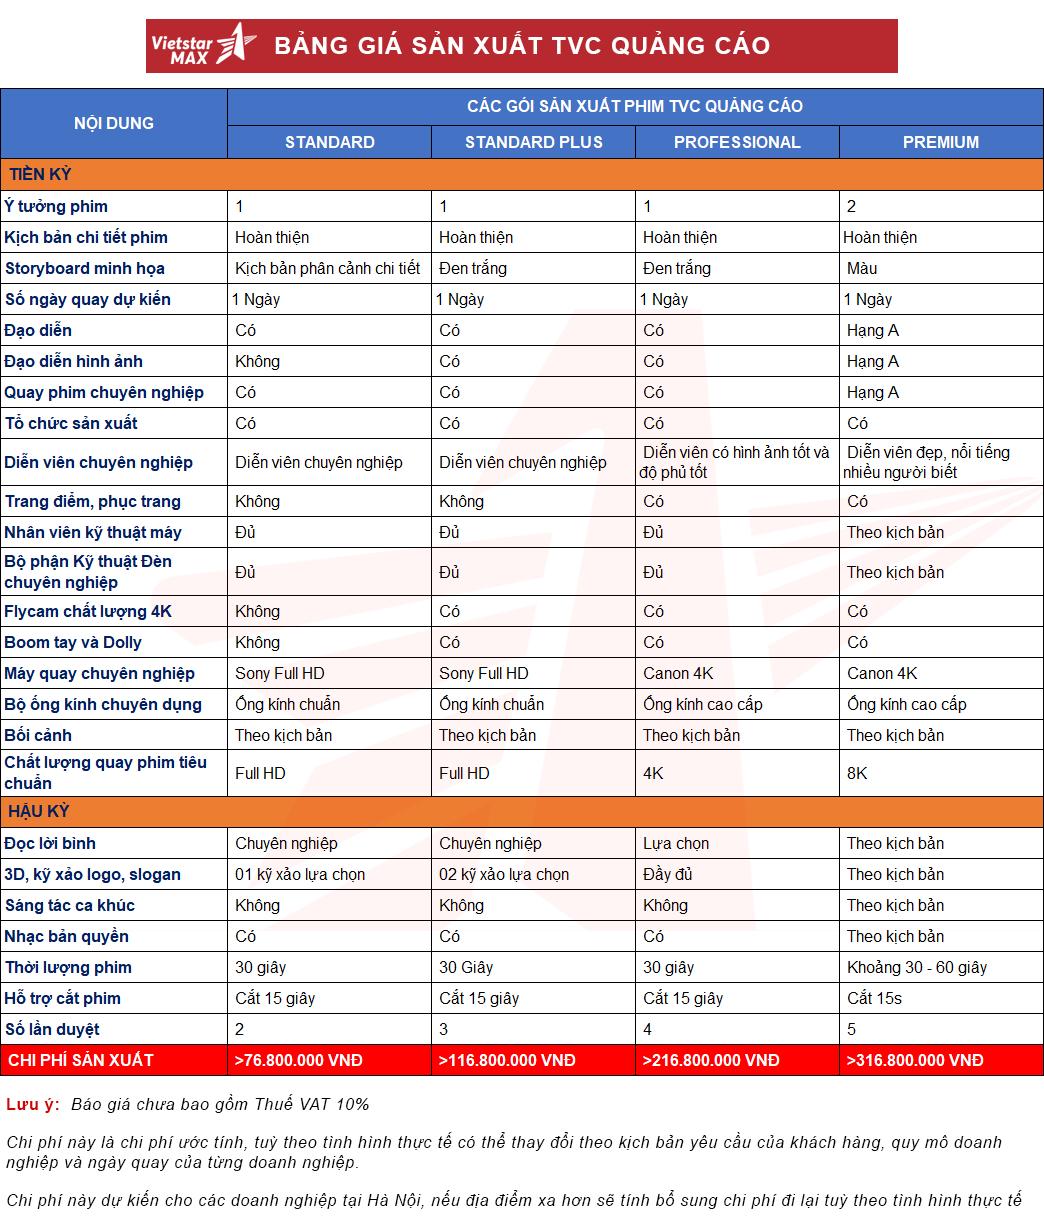 Bảng báo giá sản xuất TVC Quảng cáo, chi phí quay TVC 2021